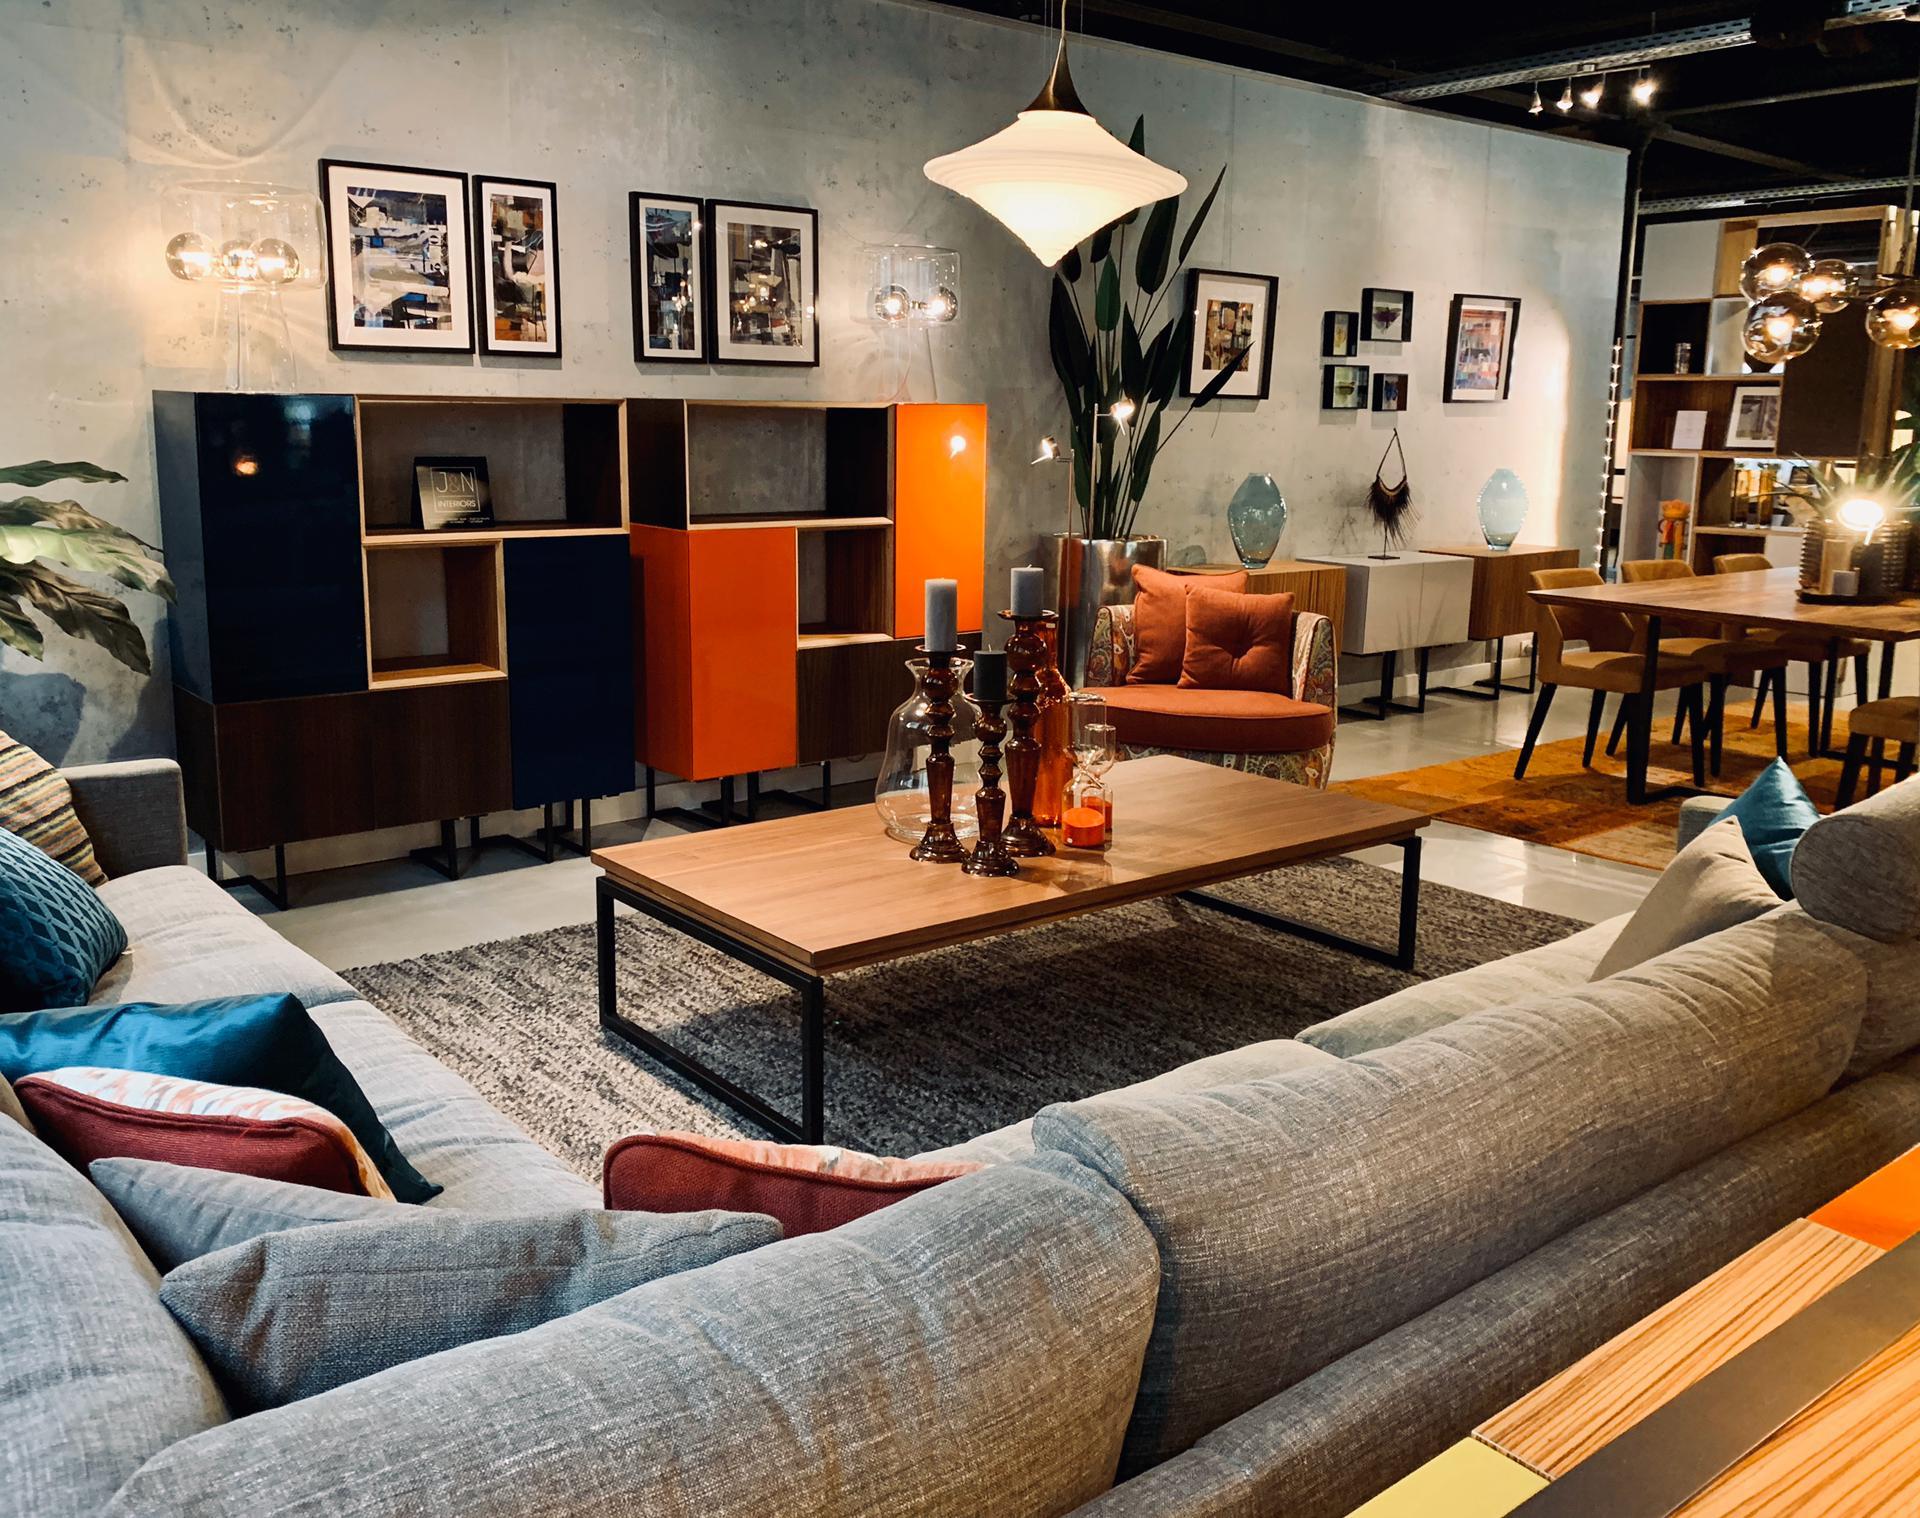 décoration de salon, canapé chic, meubles haut de gamme, magasin de décoration, jn interiors, jour et nuit liège verviers